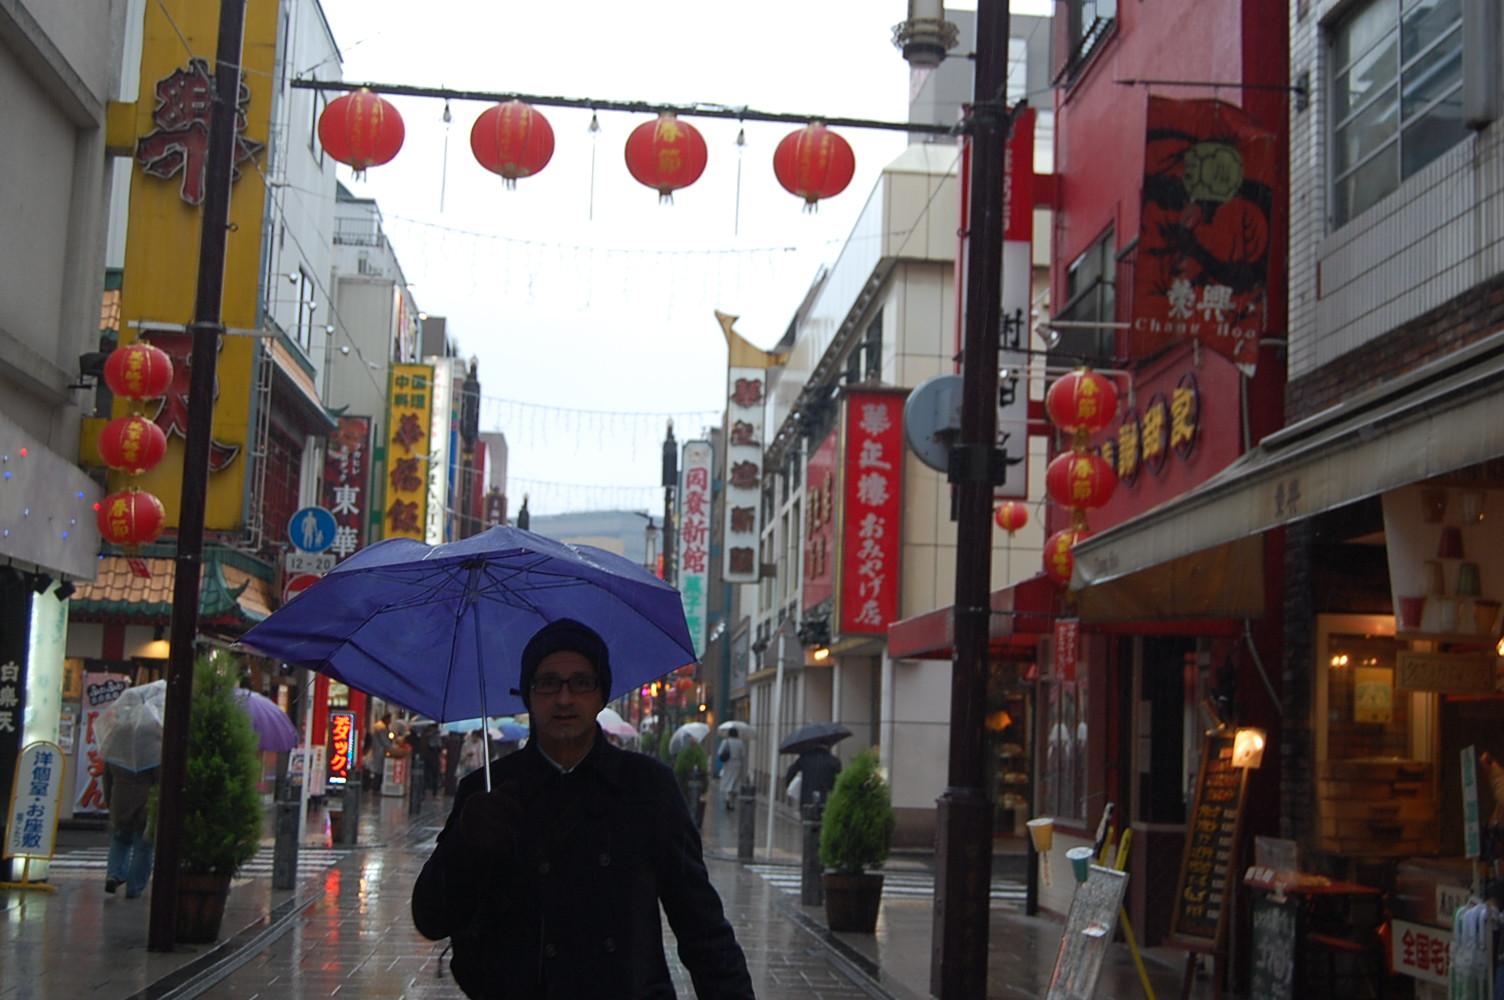 シチリア人日本滞在記 鎌倉・横浜 バゥ_d0084229_21482051.jpg